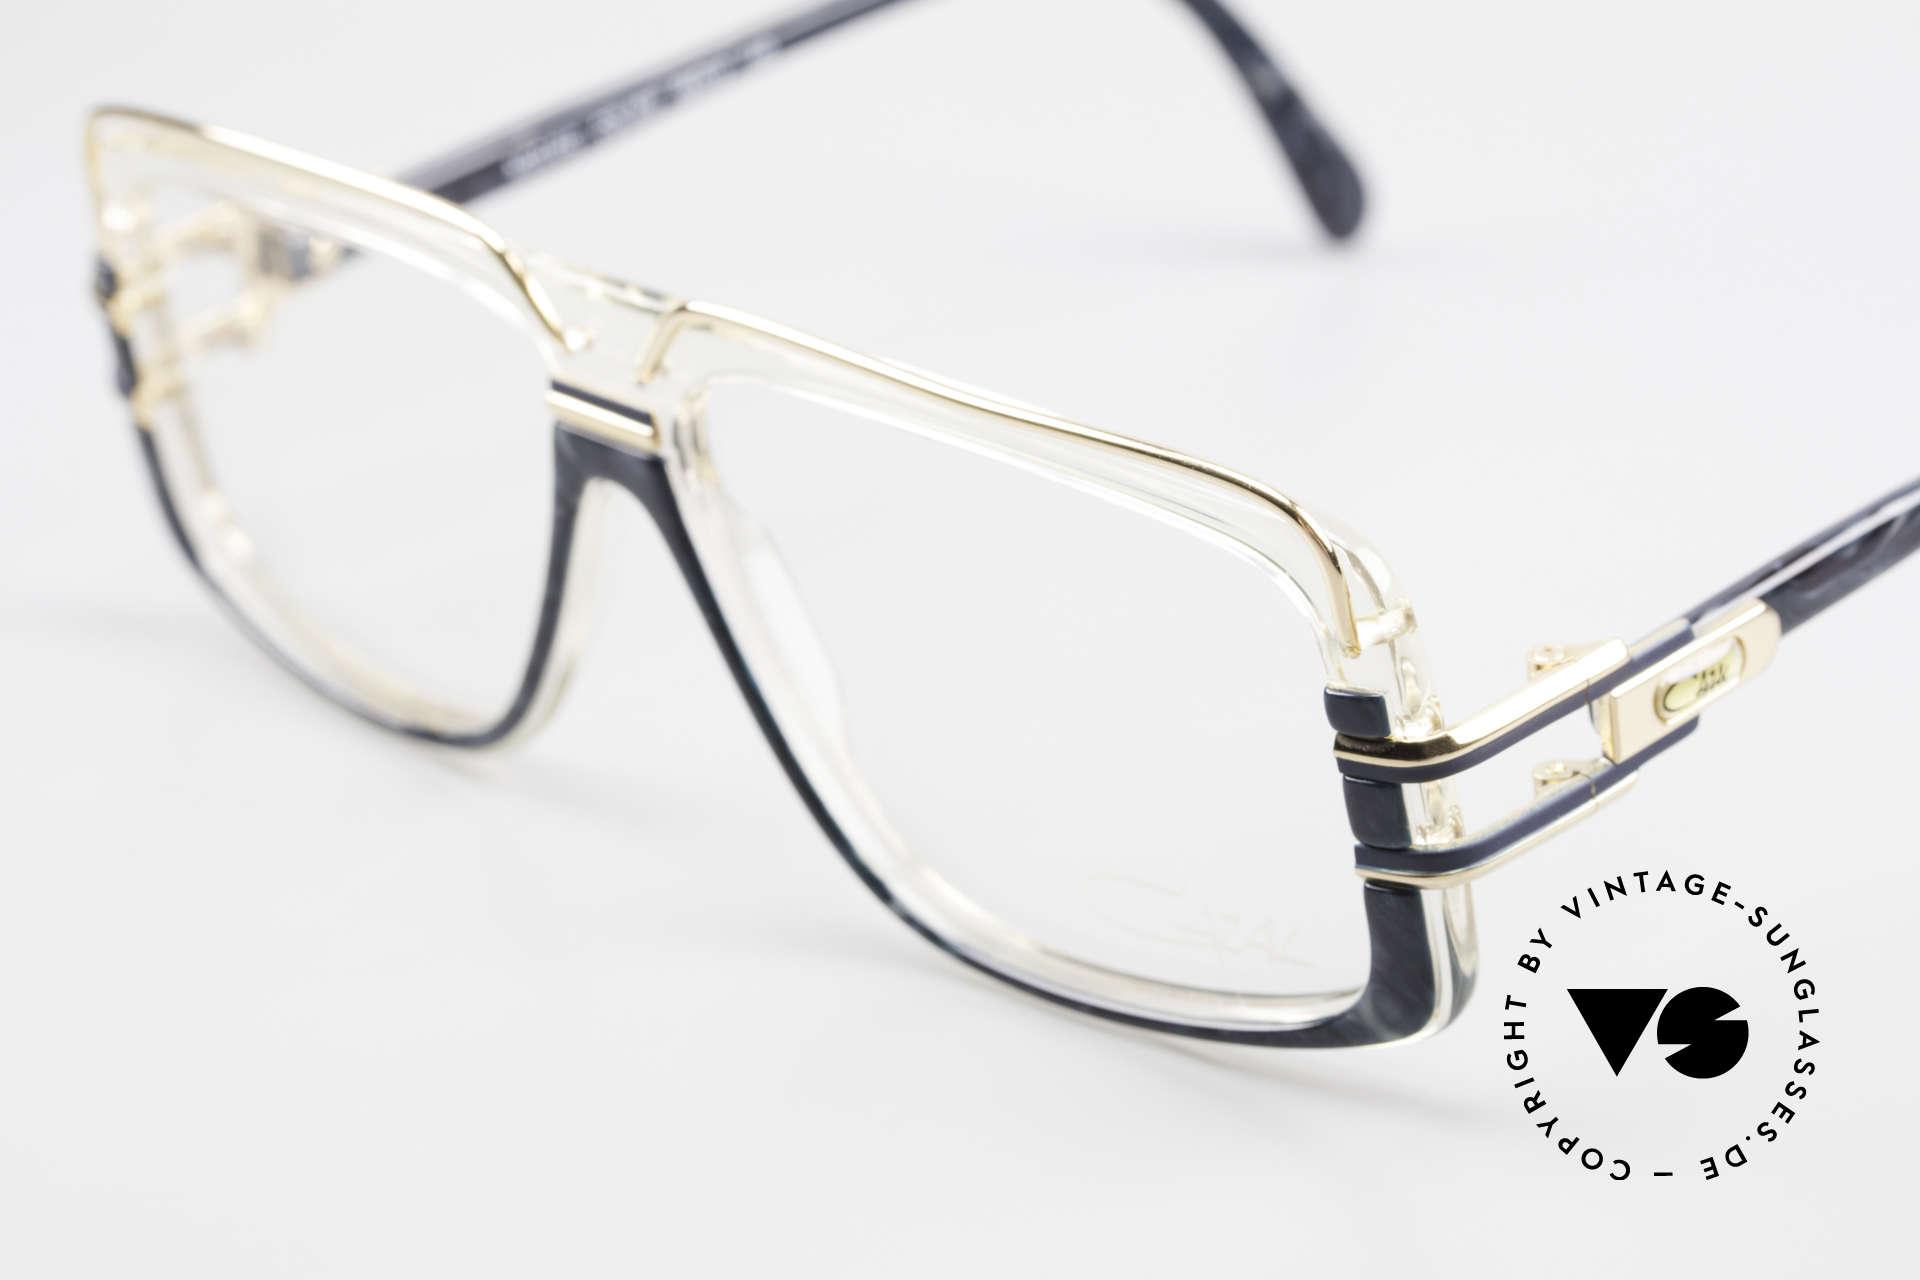 Cazal 640 80's Hip Hop Eyeglass Frame, crystal / gray-marbled frame with orig. DEMO lenses, Made for Men